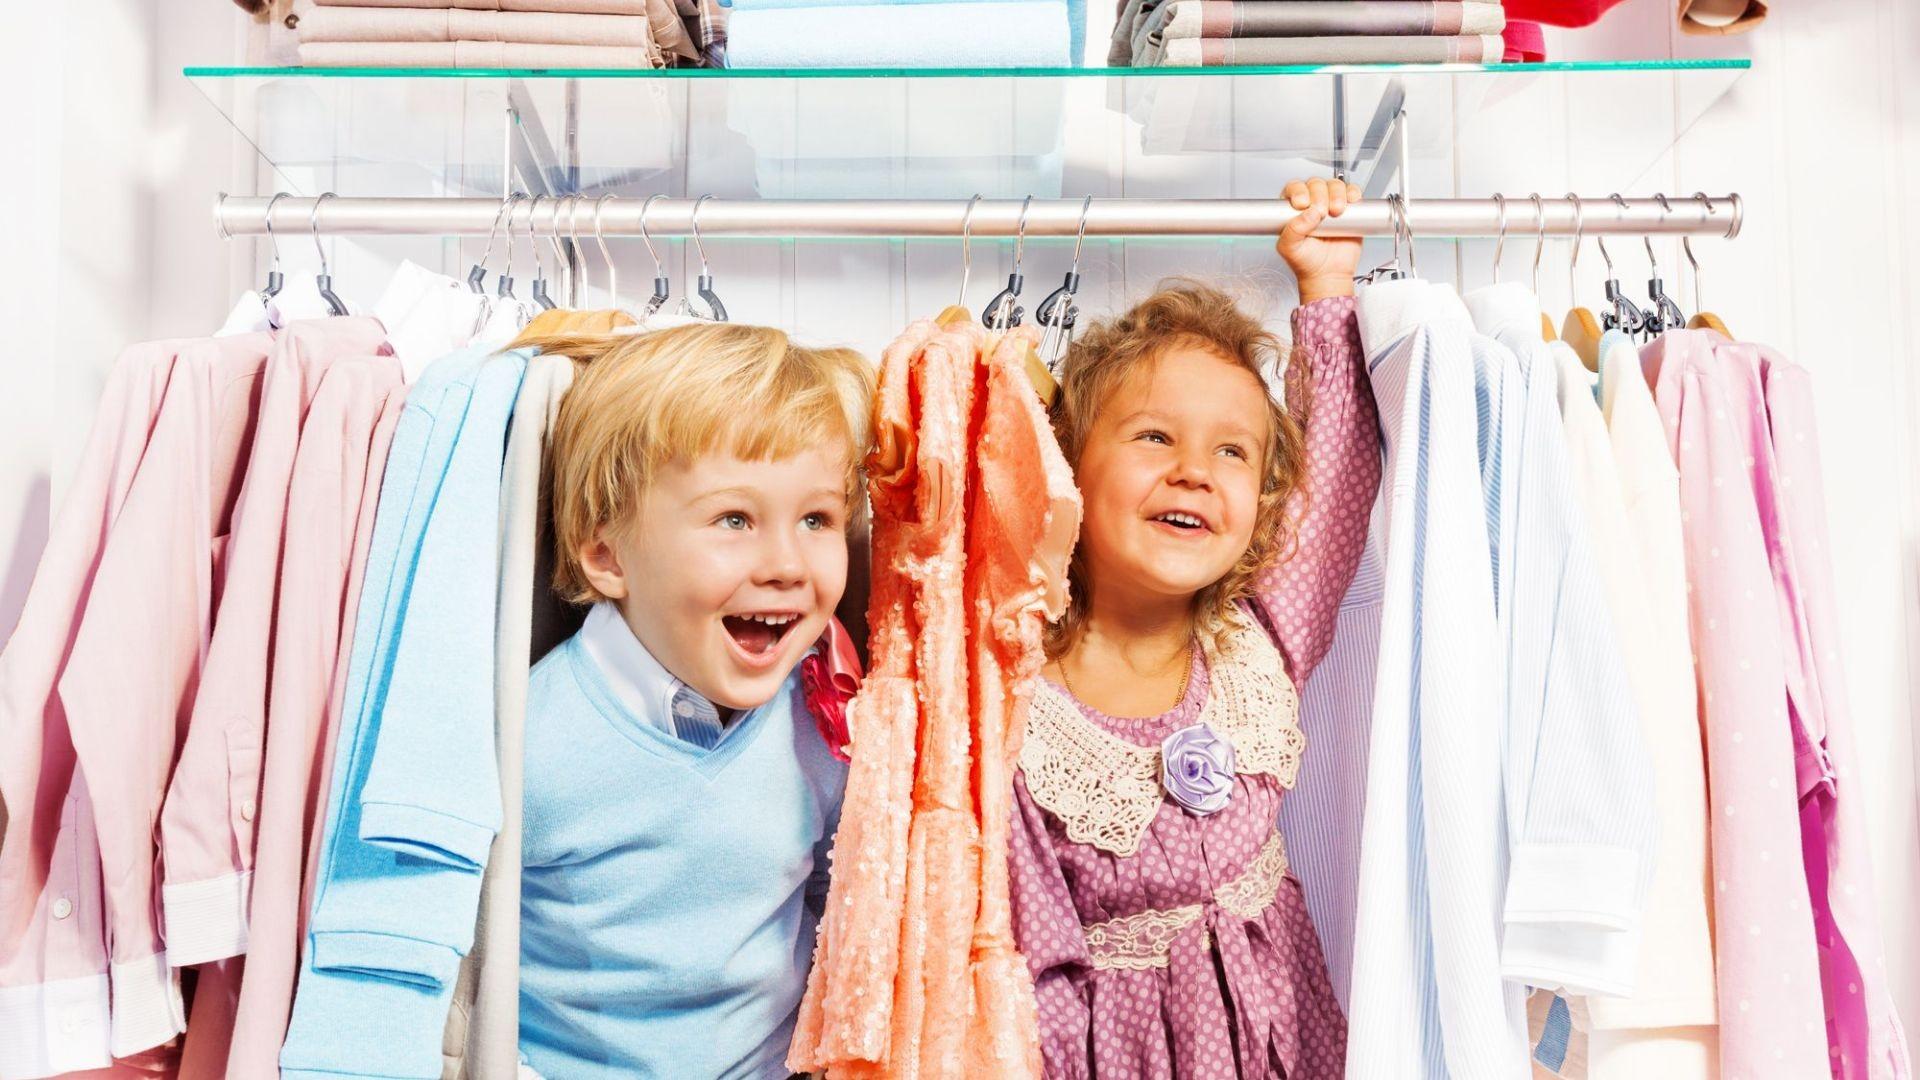 000 ropa infantil niño niña tienda